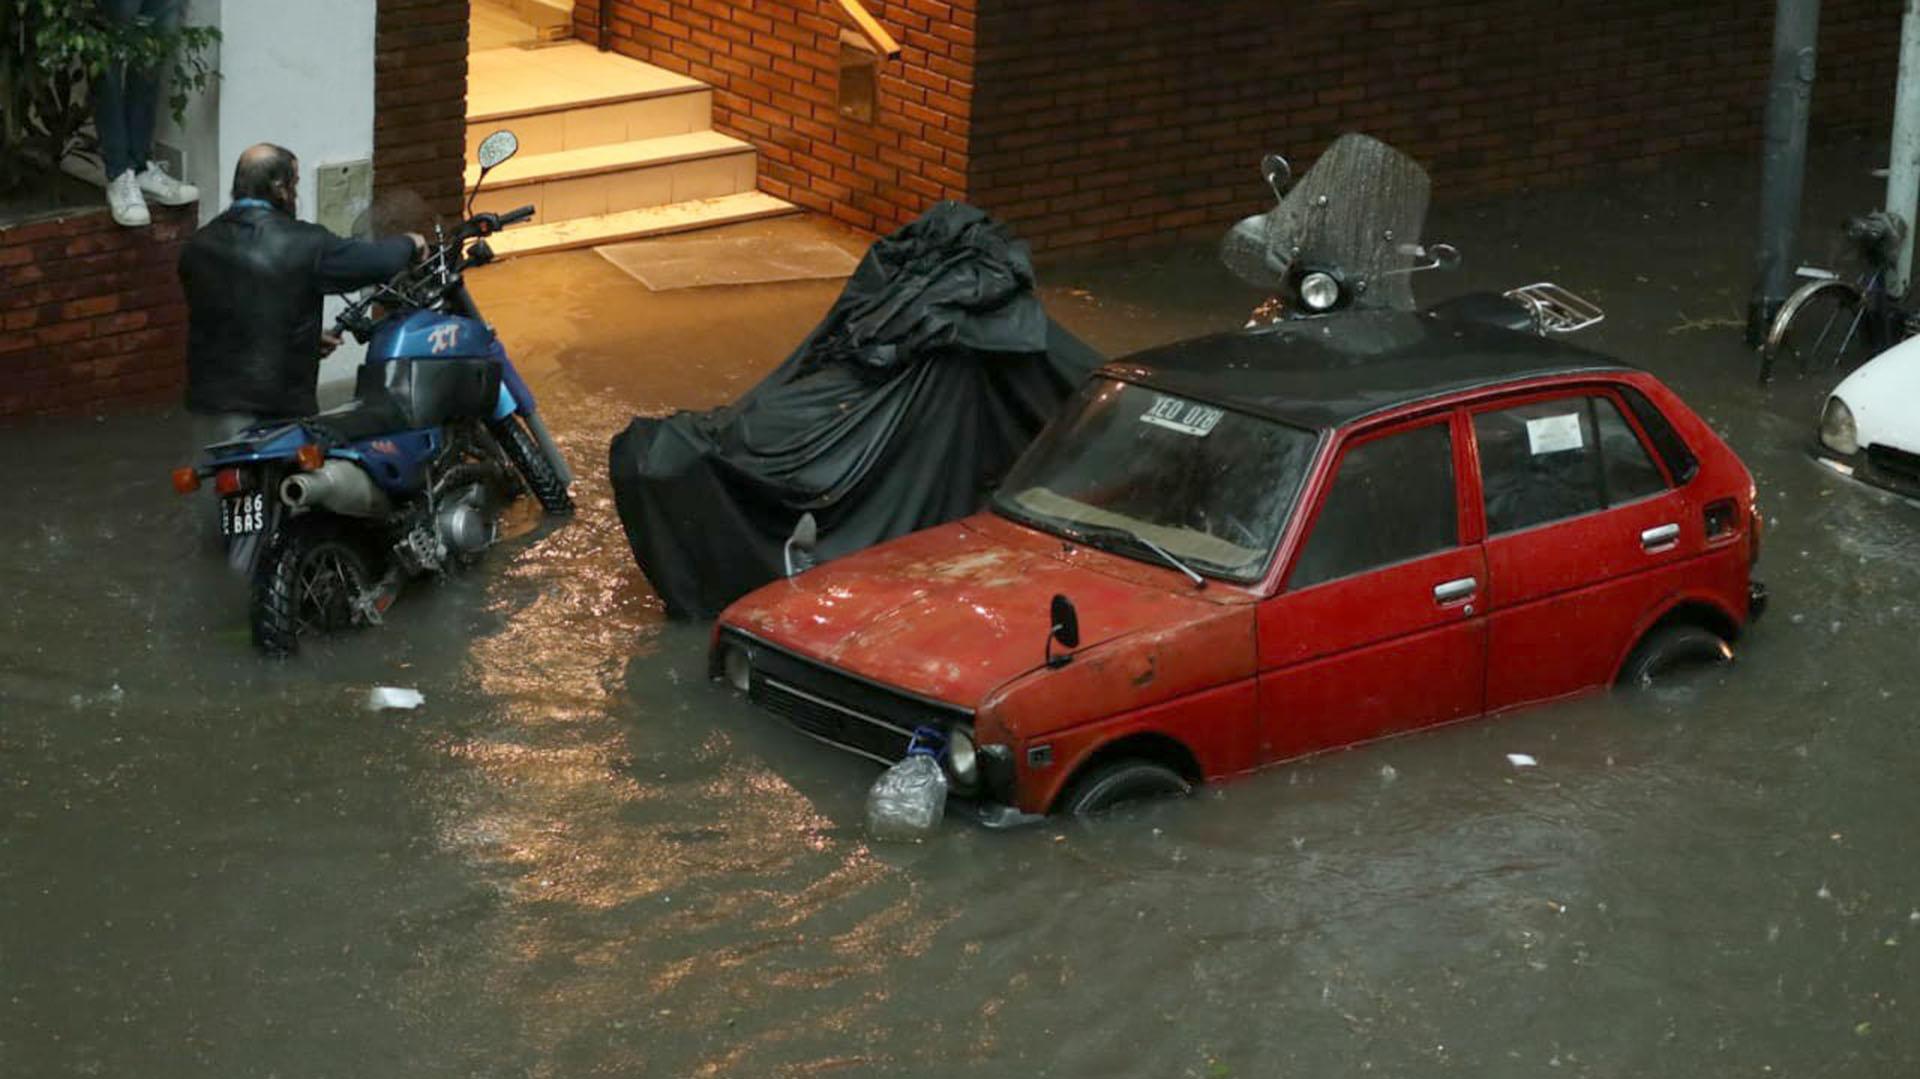 El temporal afectó el suministro eléctrico en algunas zonas. (Joaquín Pedroso)